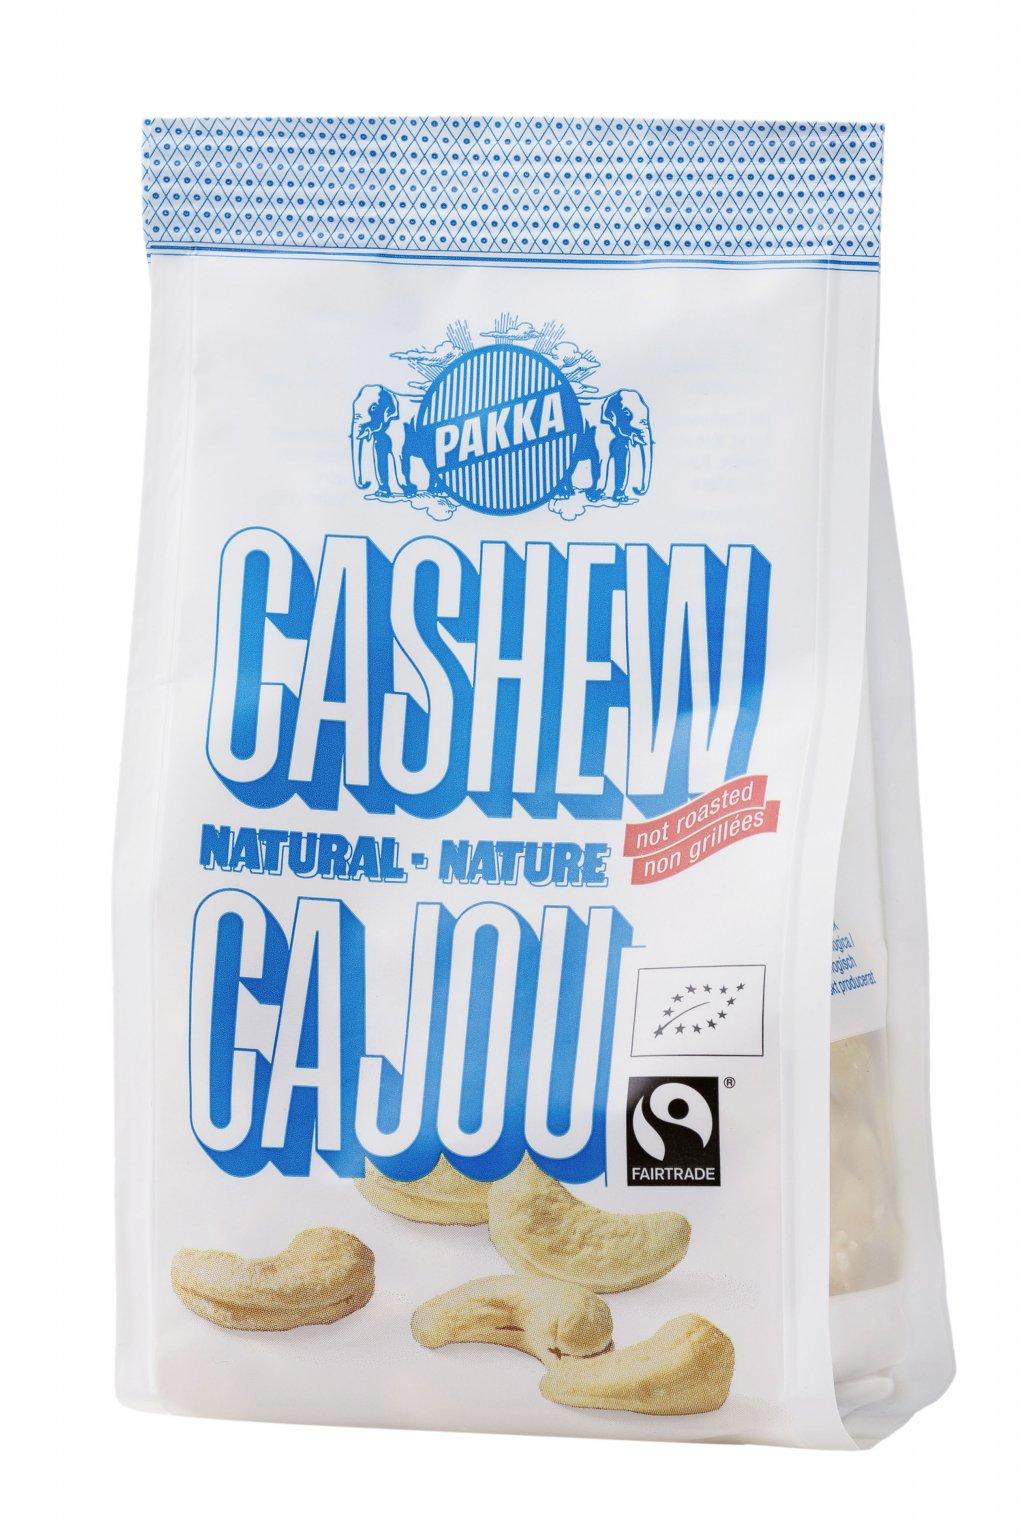 101704 Pakka Cashew nature 120g